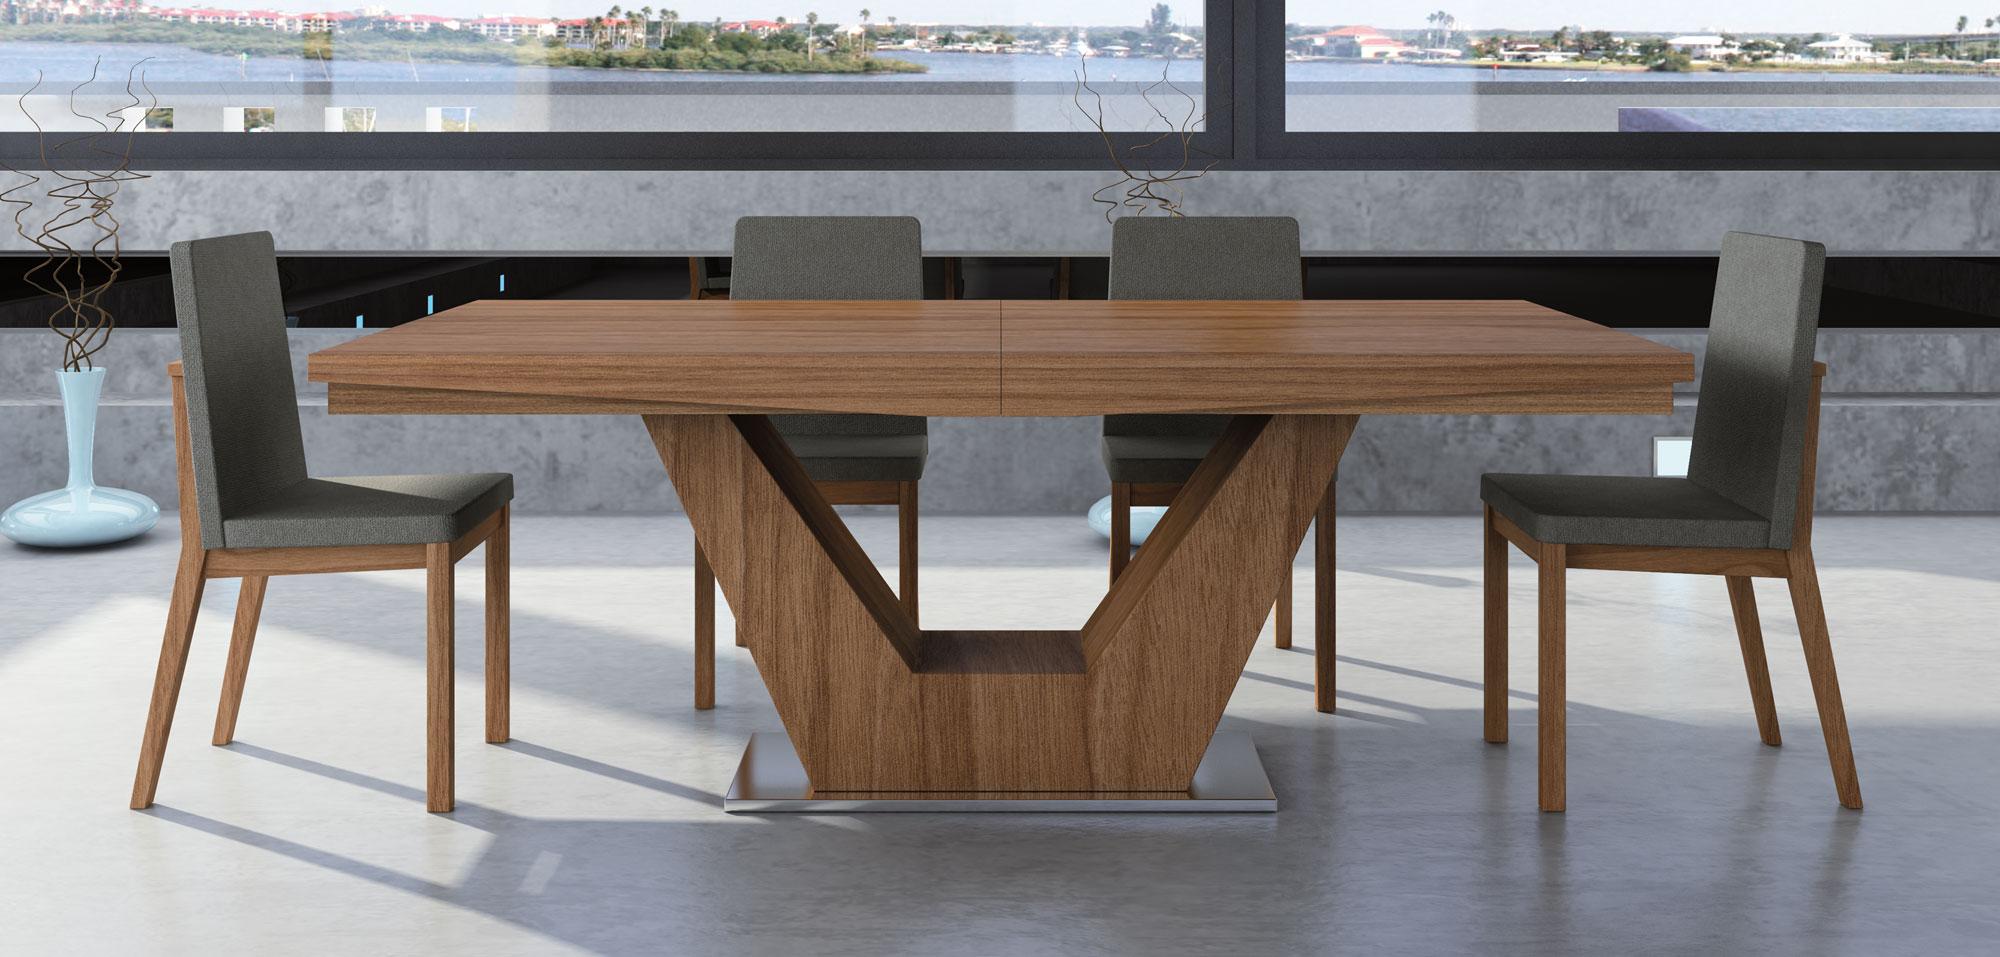 Mesa Comedor Moderna Tldn Mesa Edor Extensible Moderna Verona En Portobellostreet